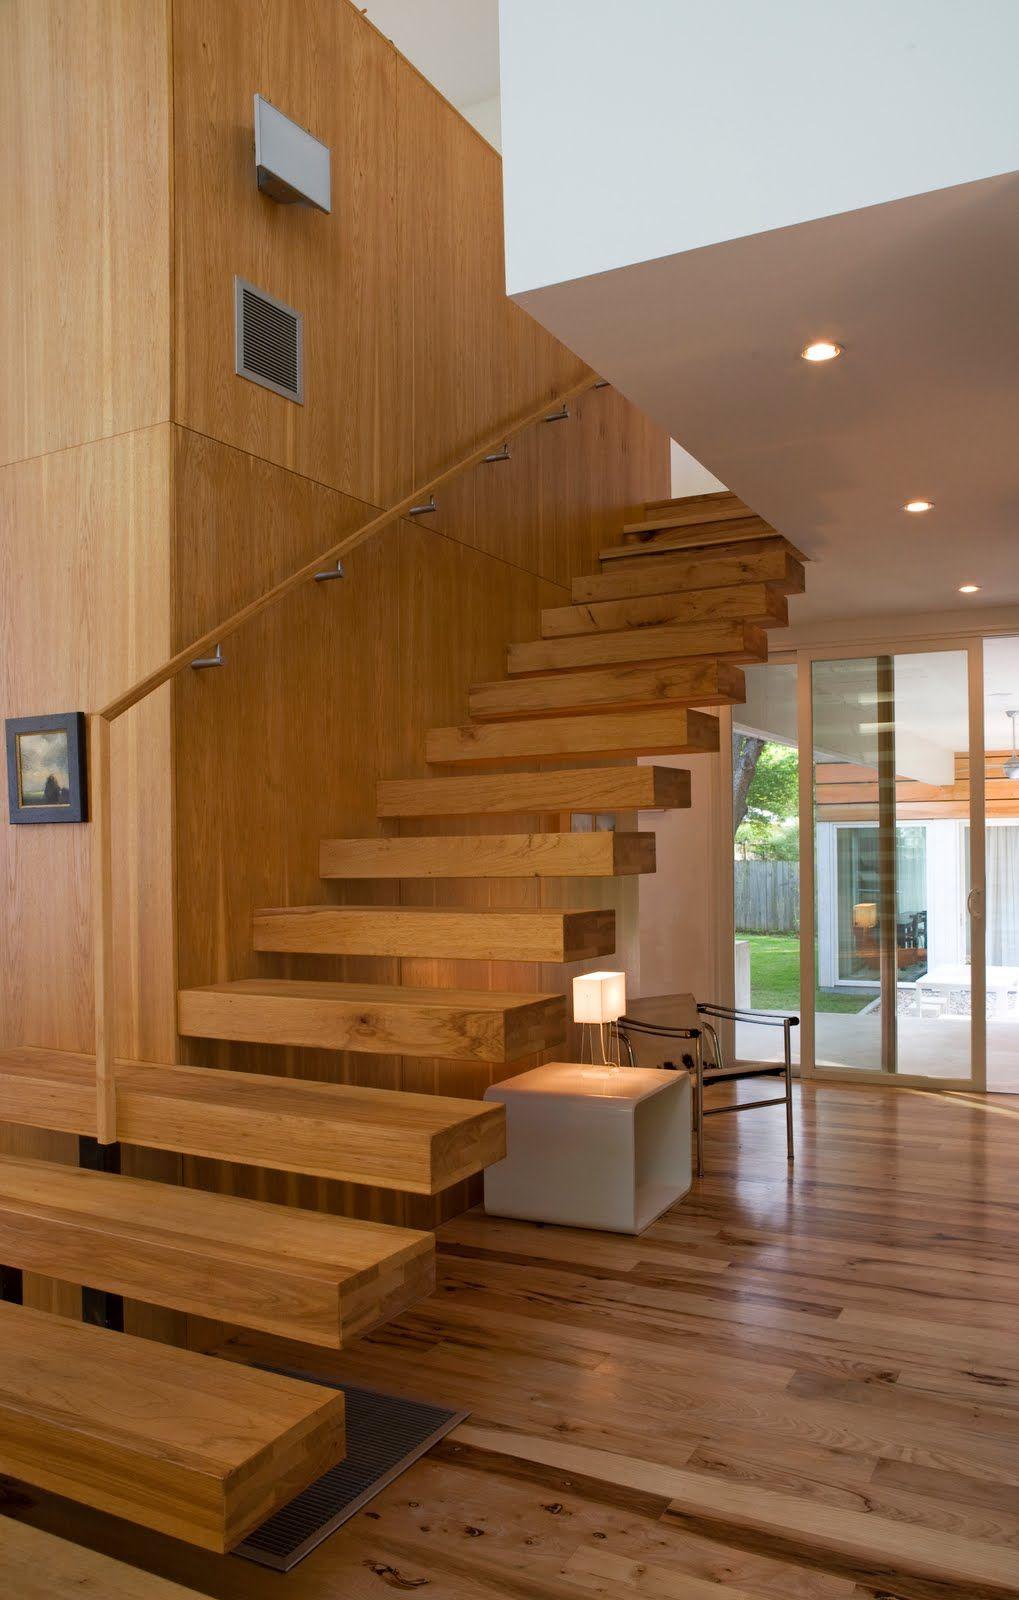 Scala Di Legno Decorativa guida introduttiva & 40 idee scale in legno per interni (con